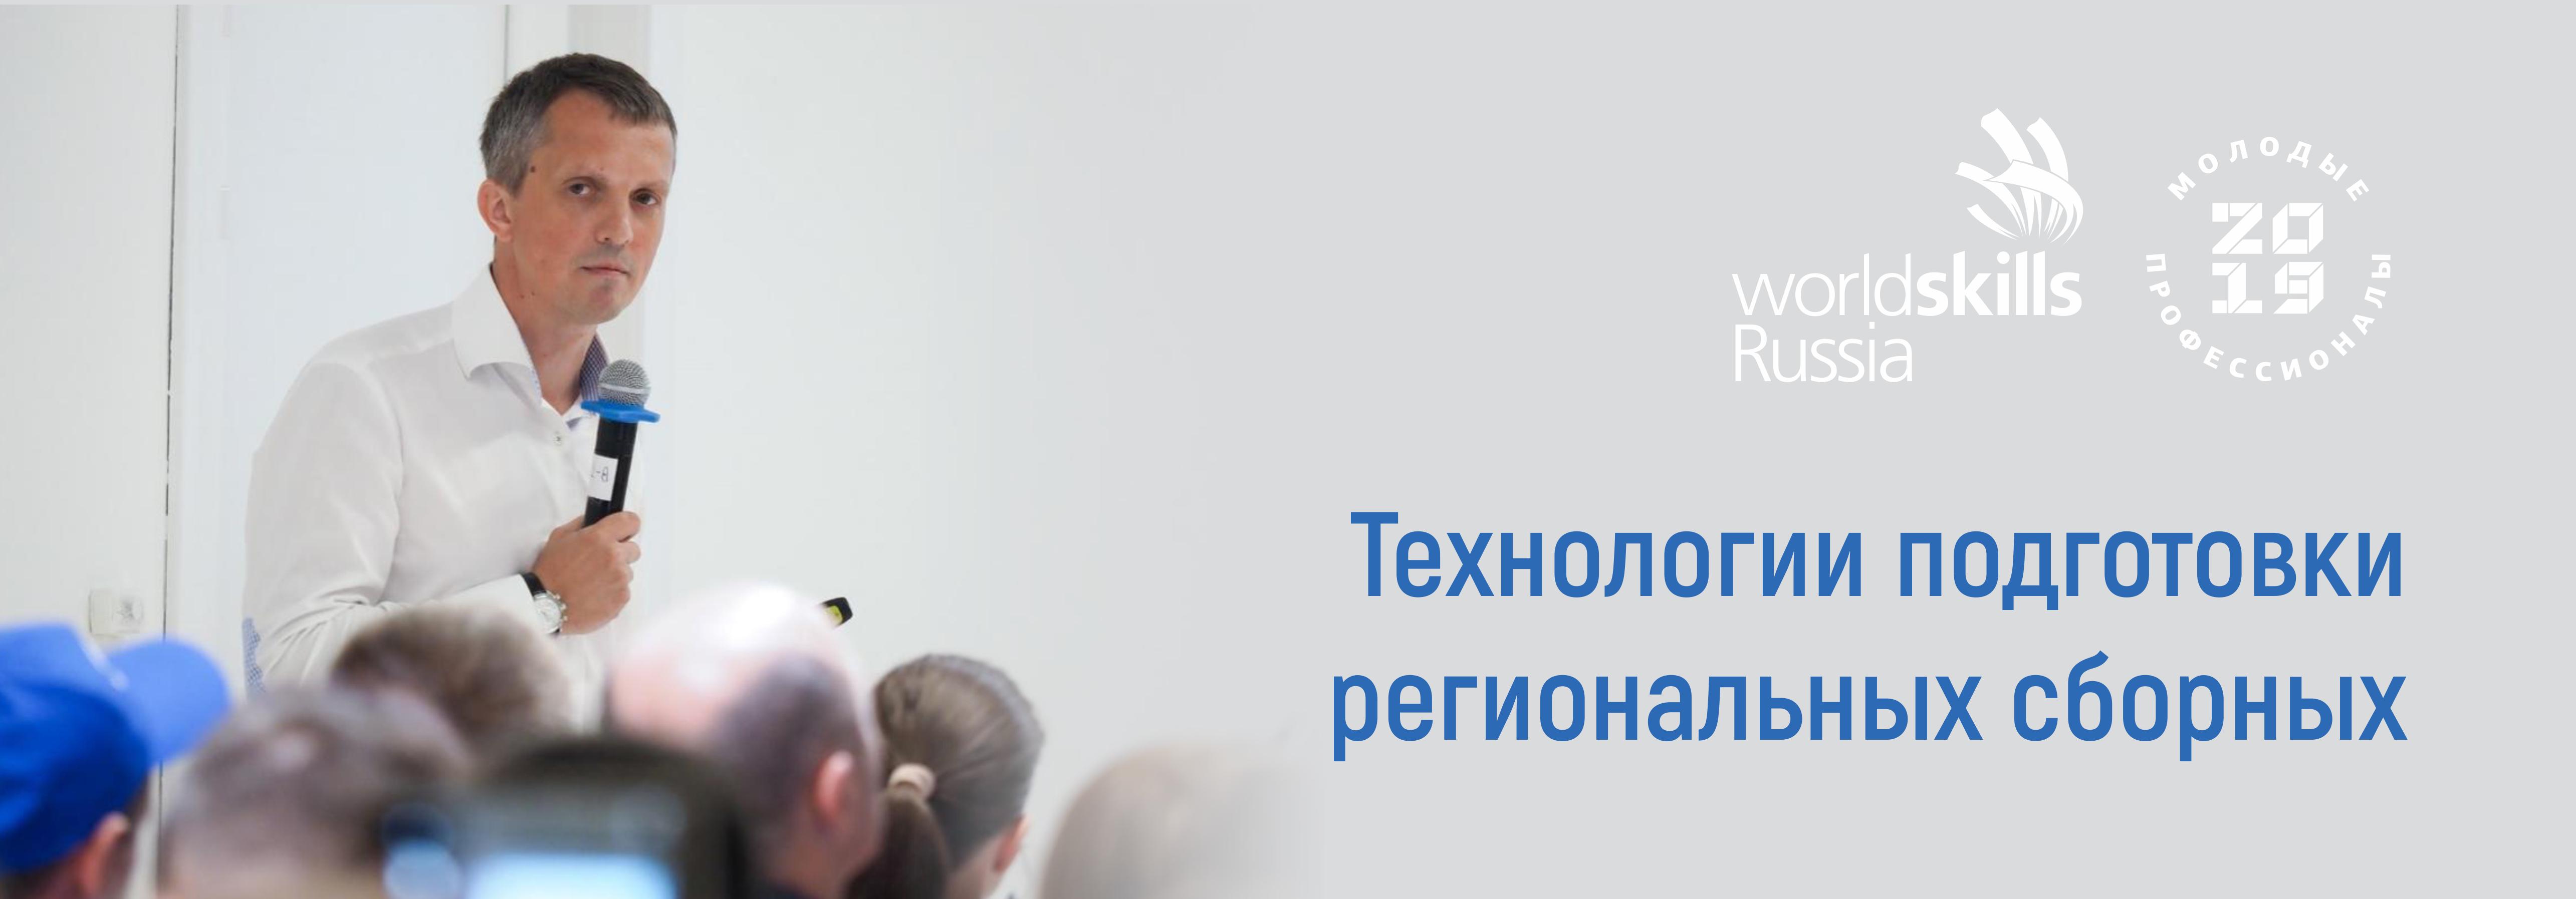 Участие в семинаре «Технологии подготовки региональных сборных»